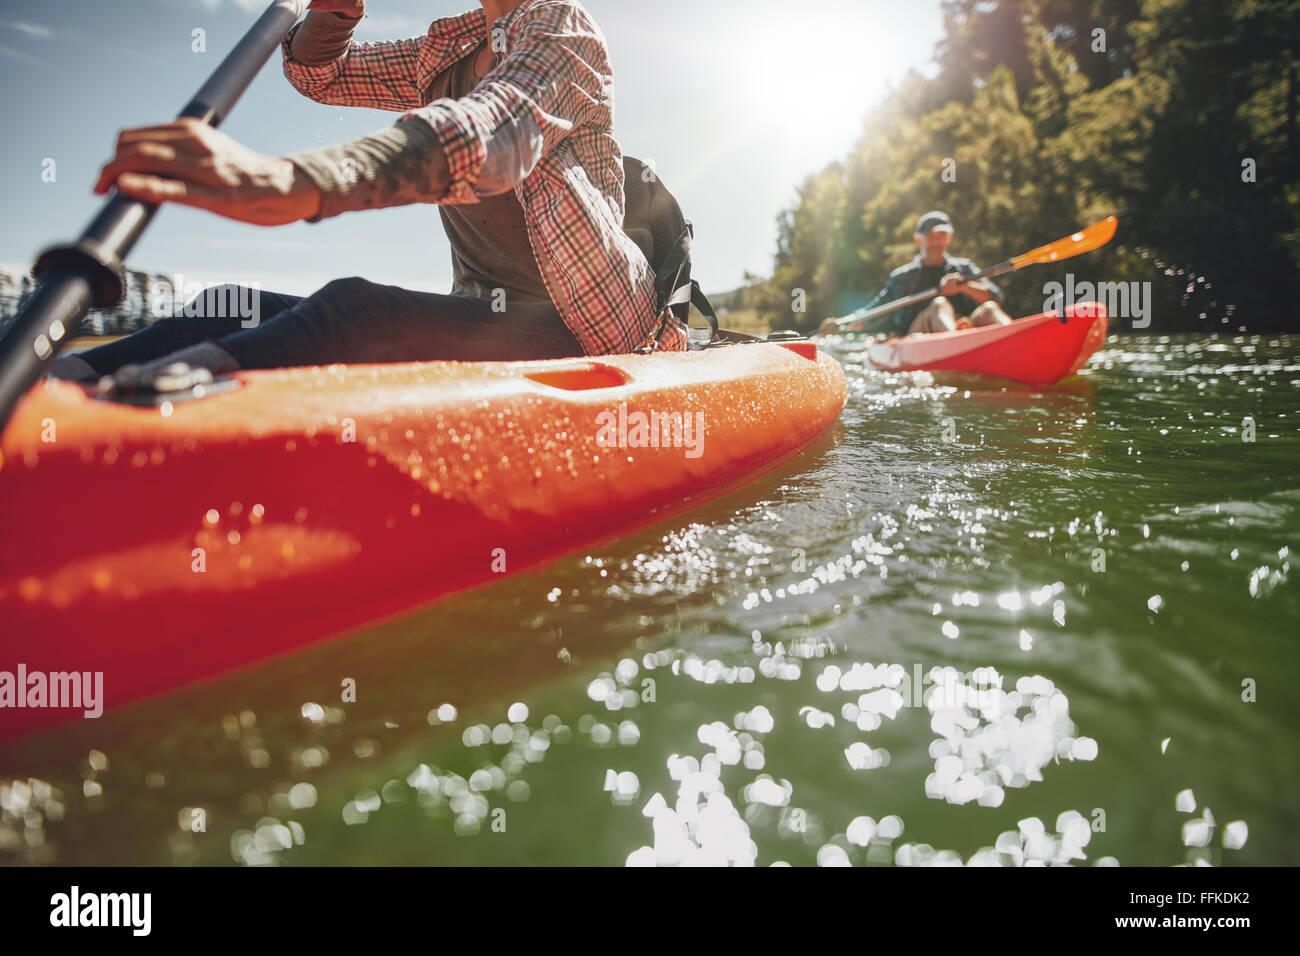 Portrait de femme kayak avec un homme en arrière-plan. Couple canoë dans un lac sur une journée d'été. Photo Stock